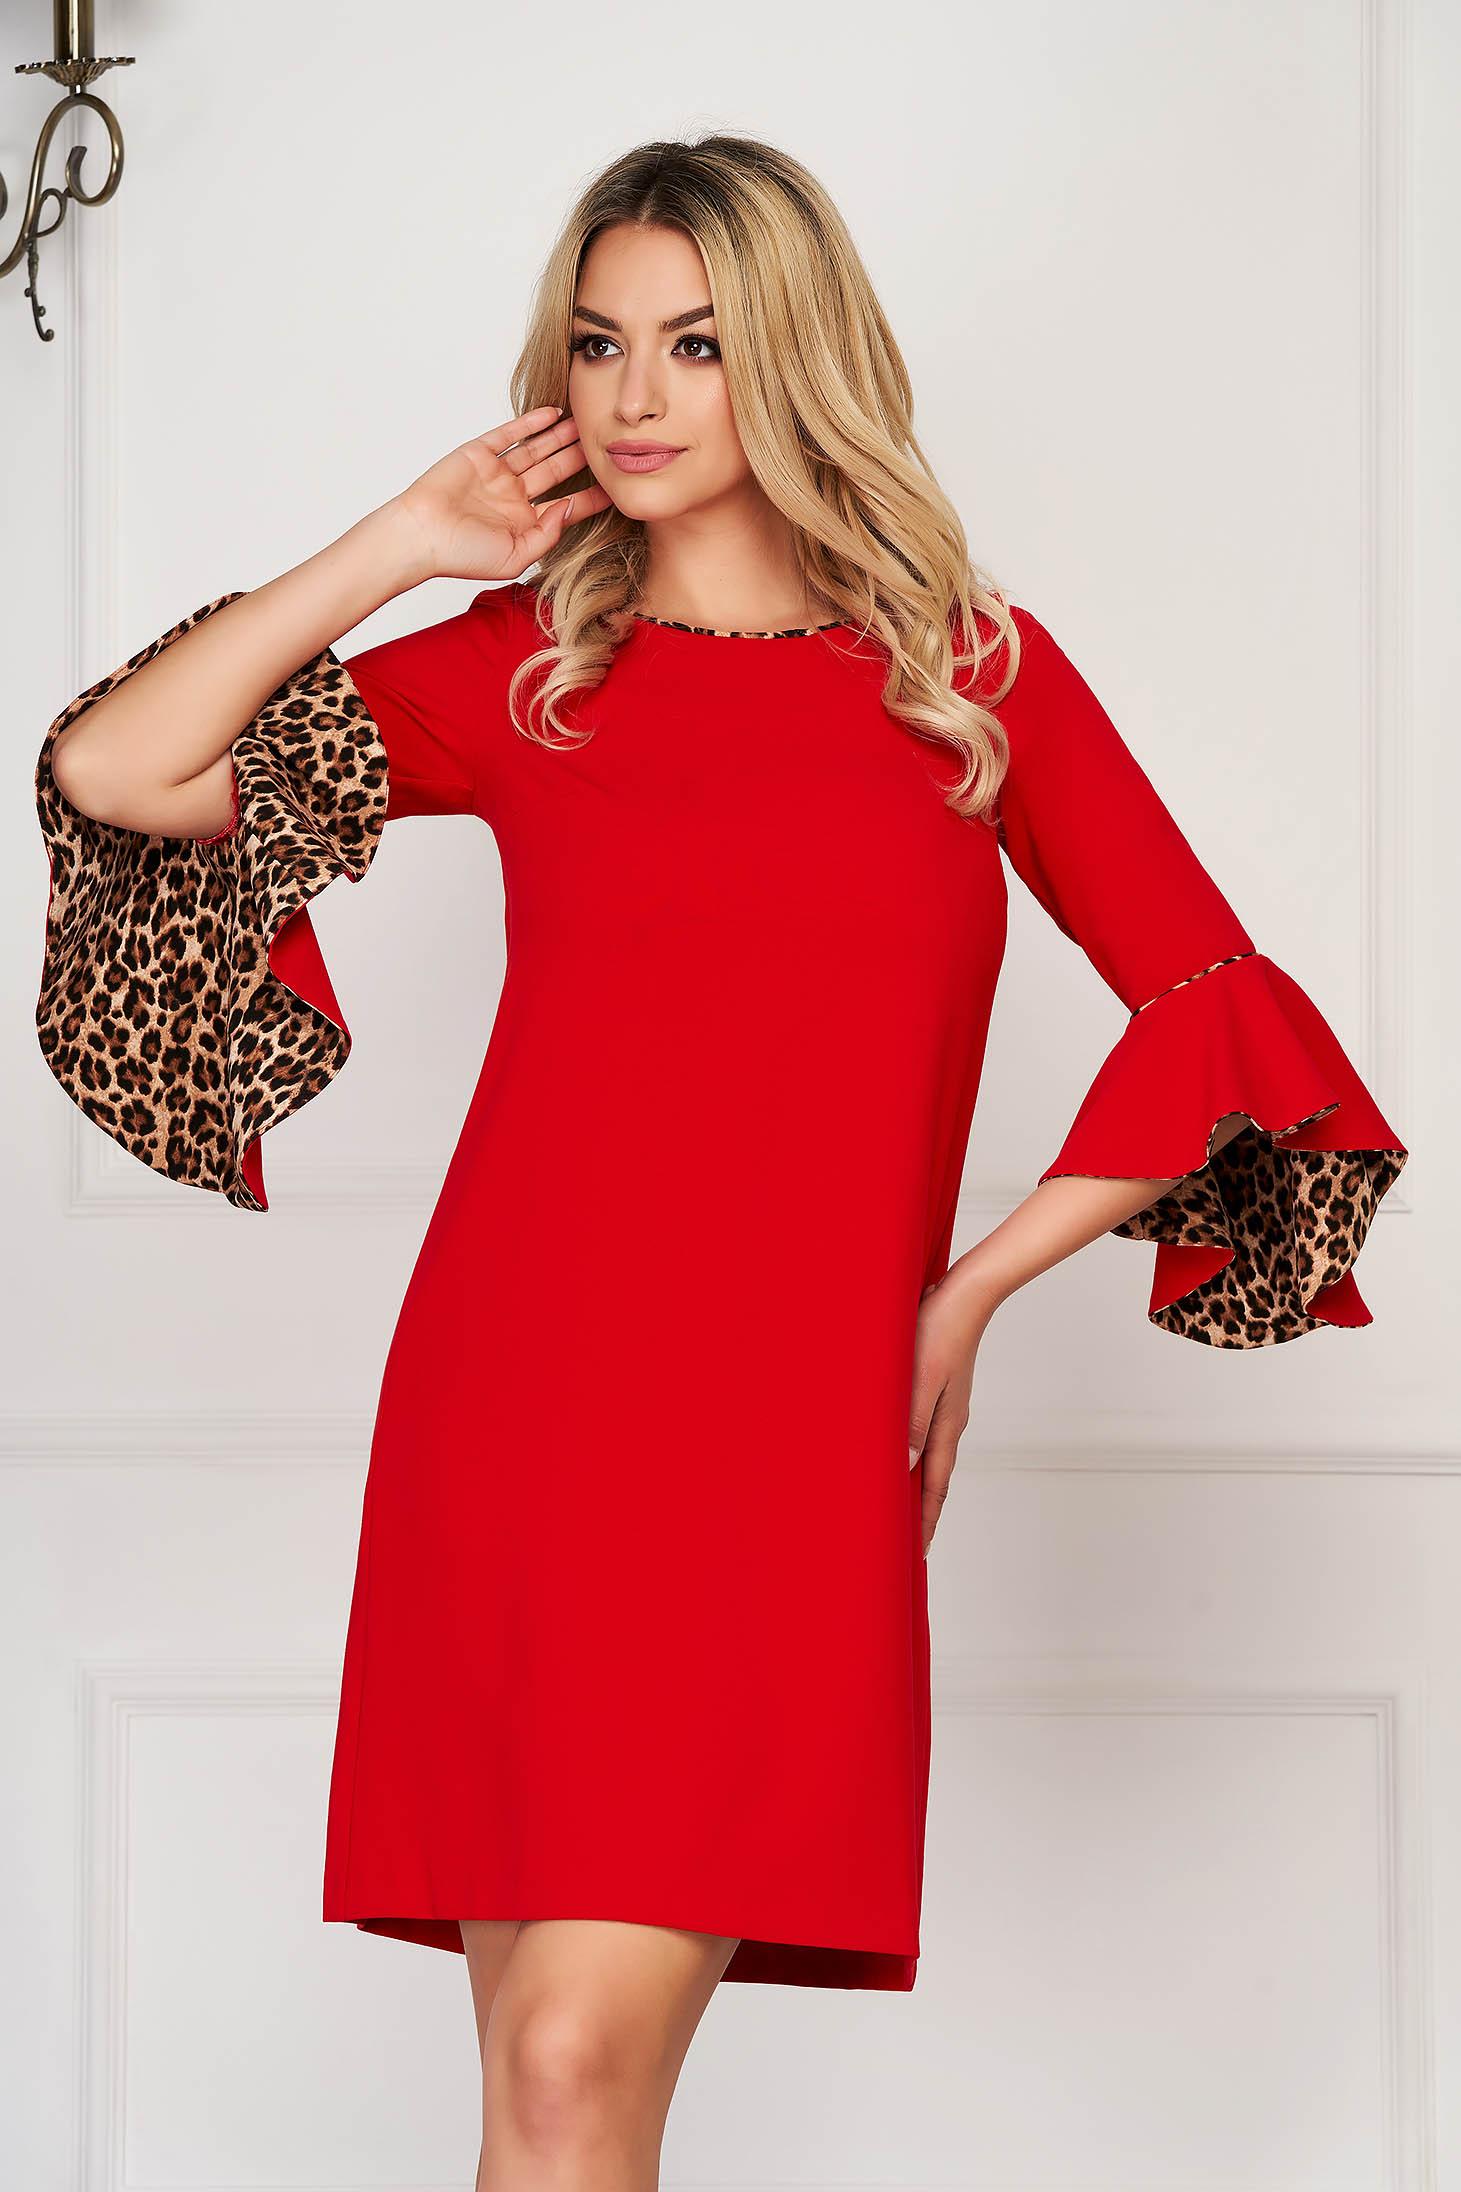 Rochie StarShinerS rosie scurta eleganta cu croi larg cu decolteu la baza gatului cu maneci trei-sferturi tip clopot fara captuseala